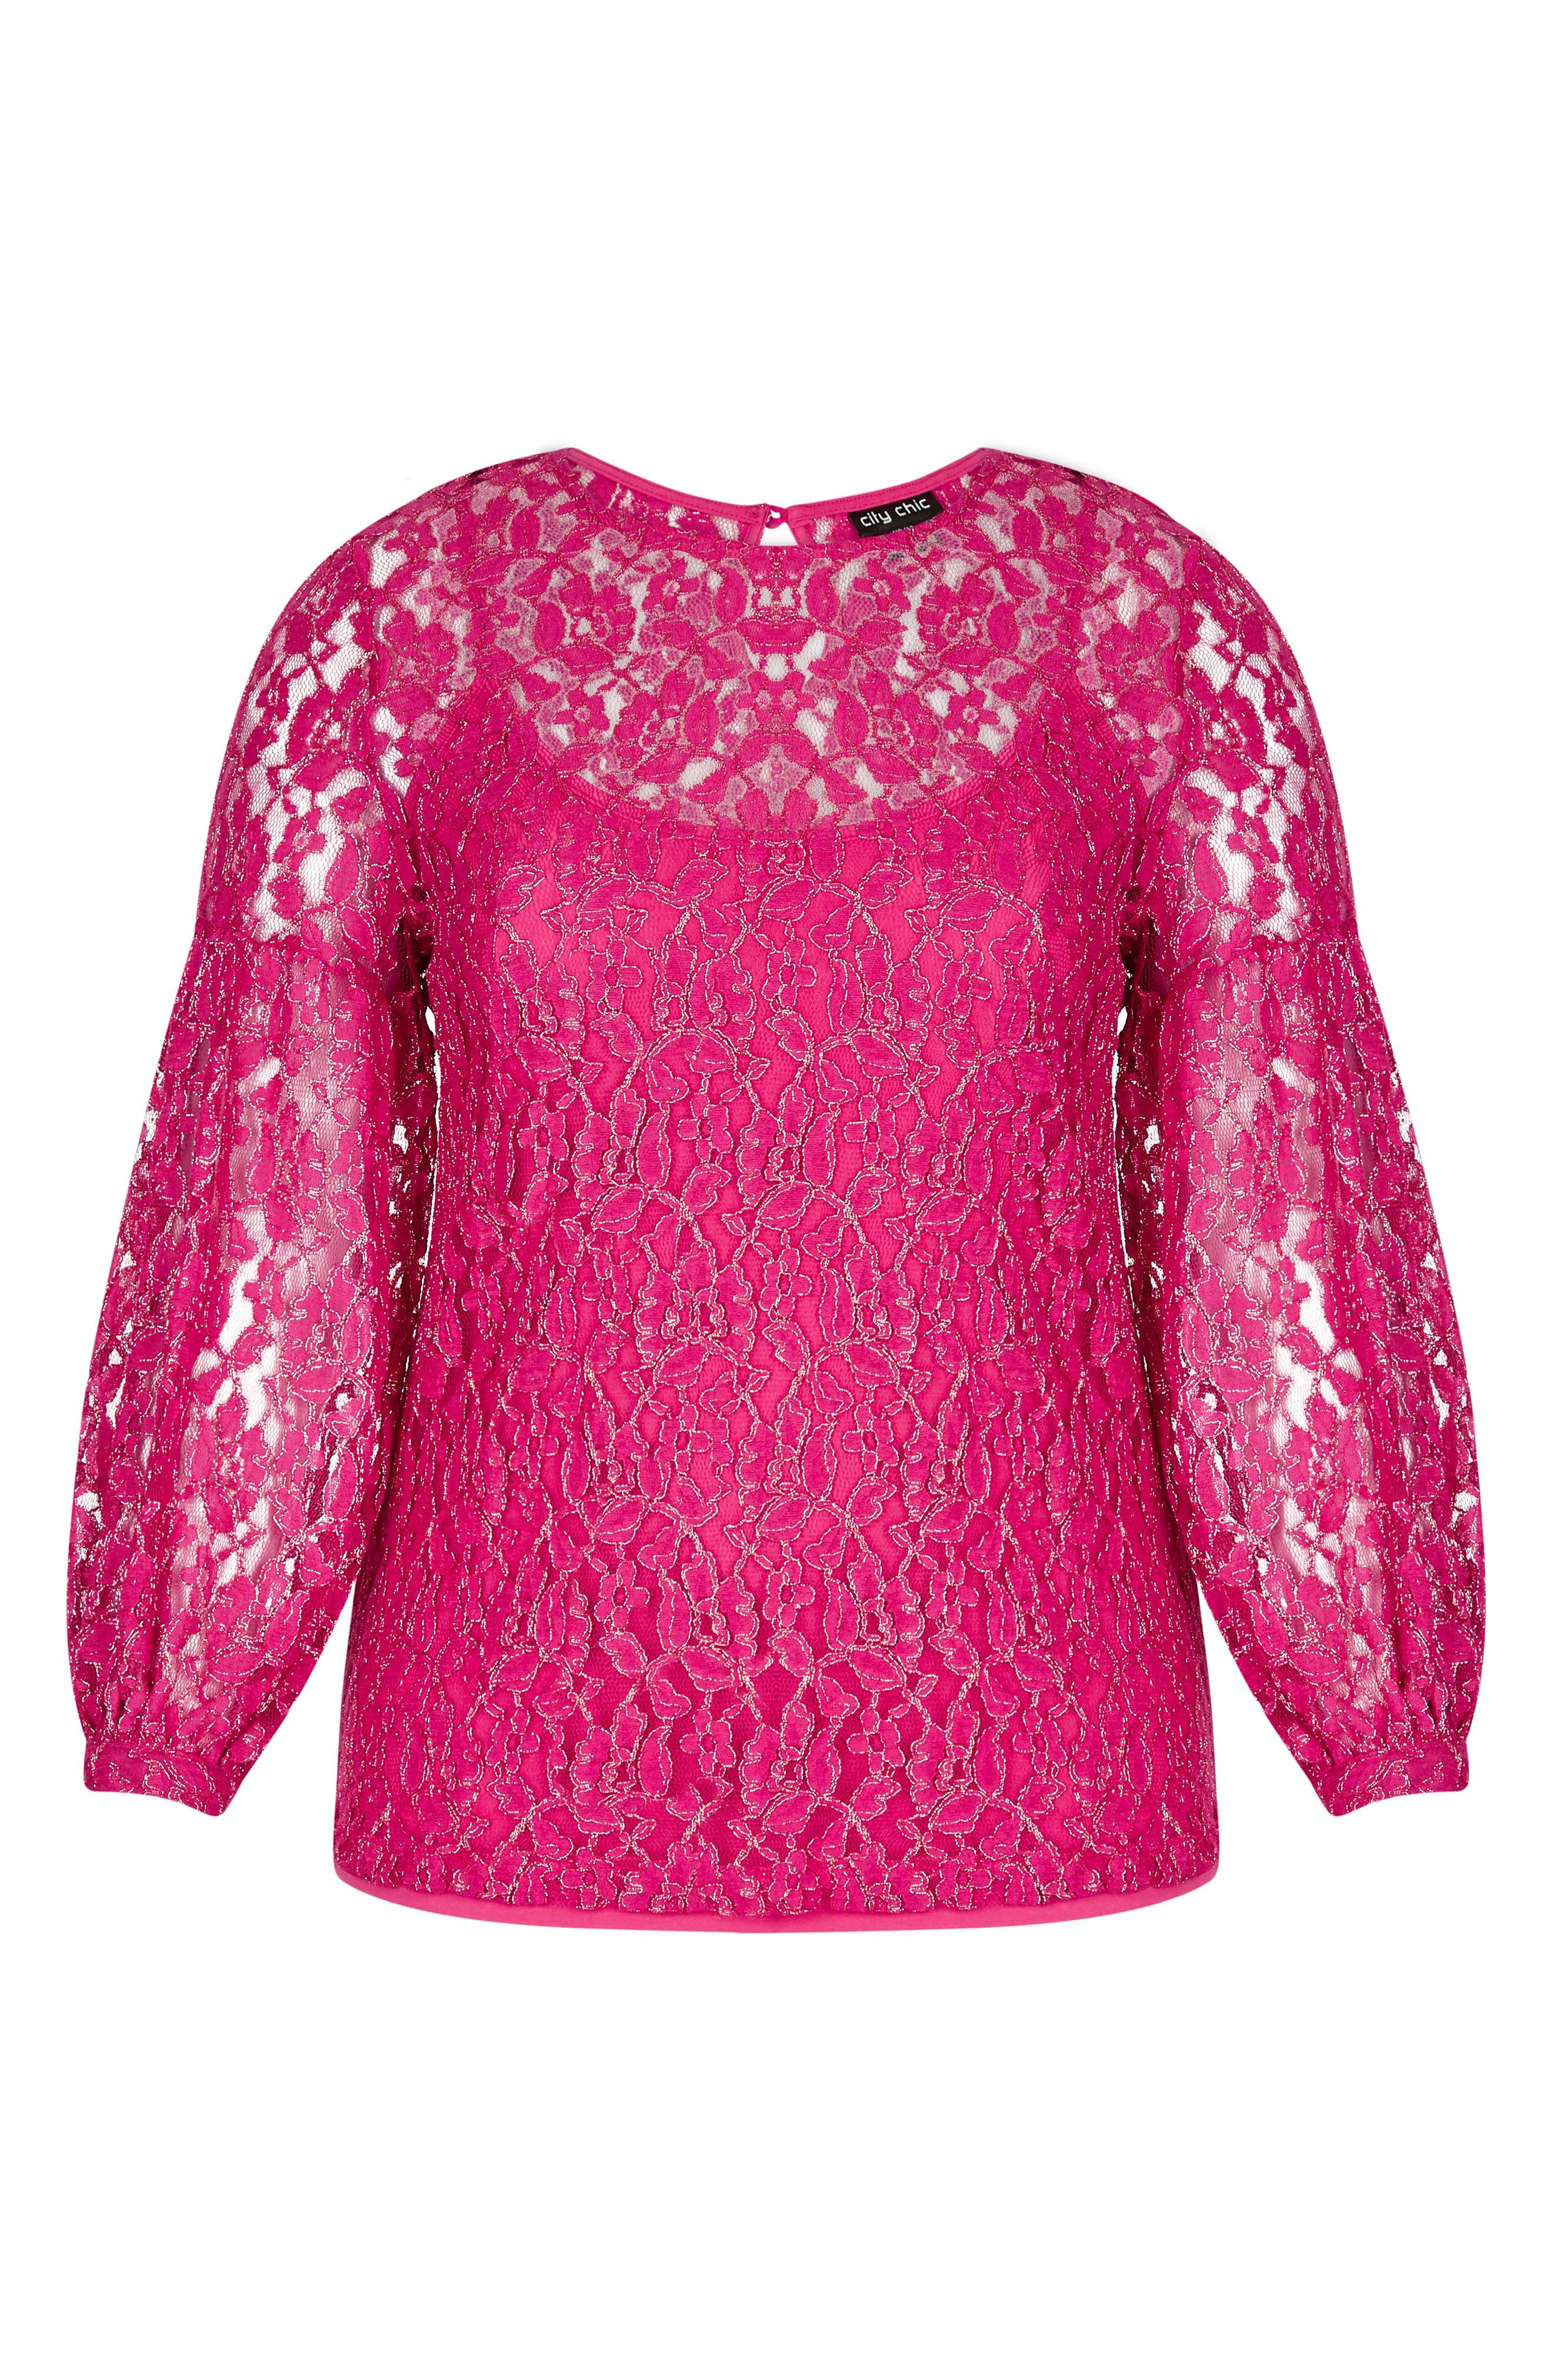 CITY CHIC, Metallic Detail Cotton Blend Lace Blouse, Alternate thumbnail 3, color, MAGENTA